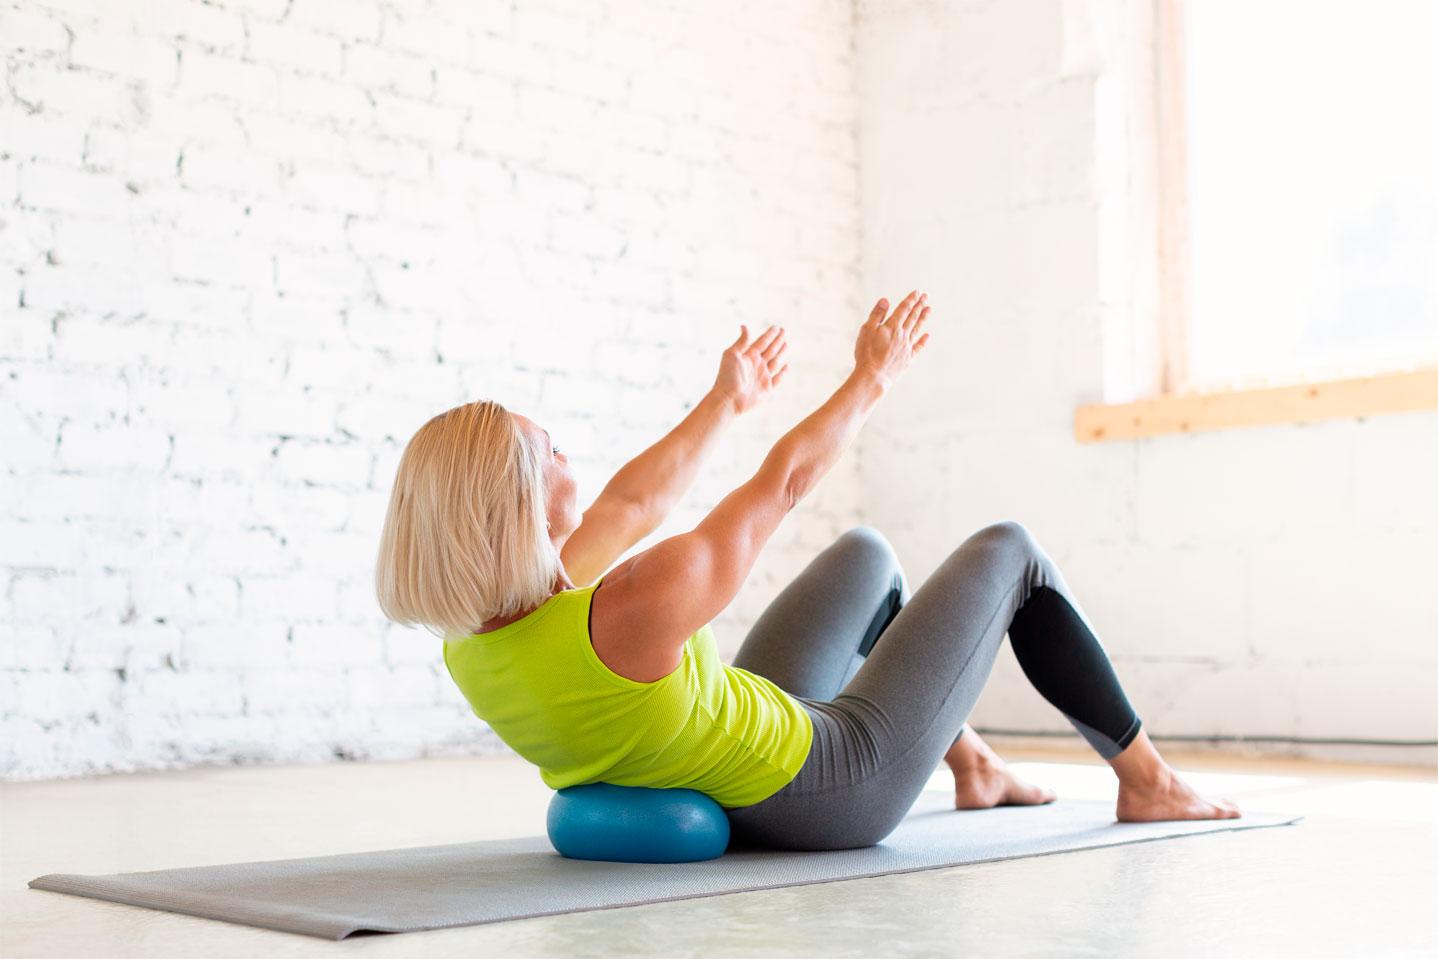 edad para practicar pilates - ¿A qué edad se puede empezar a practicar pilates?